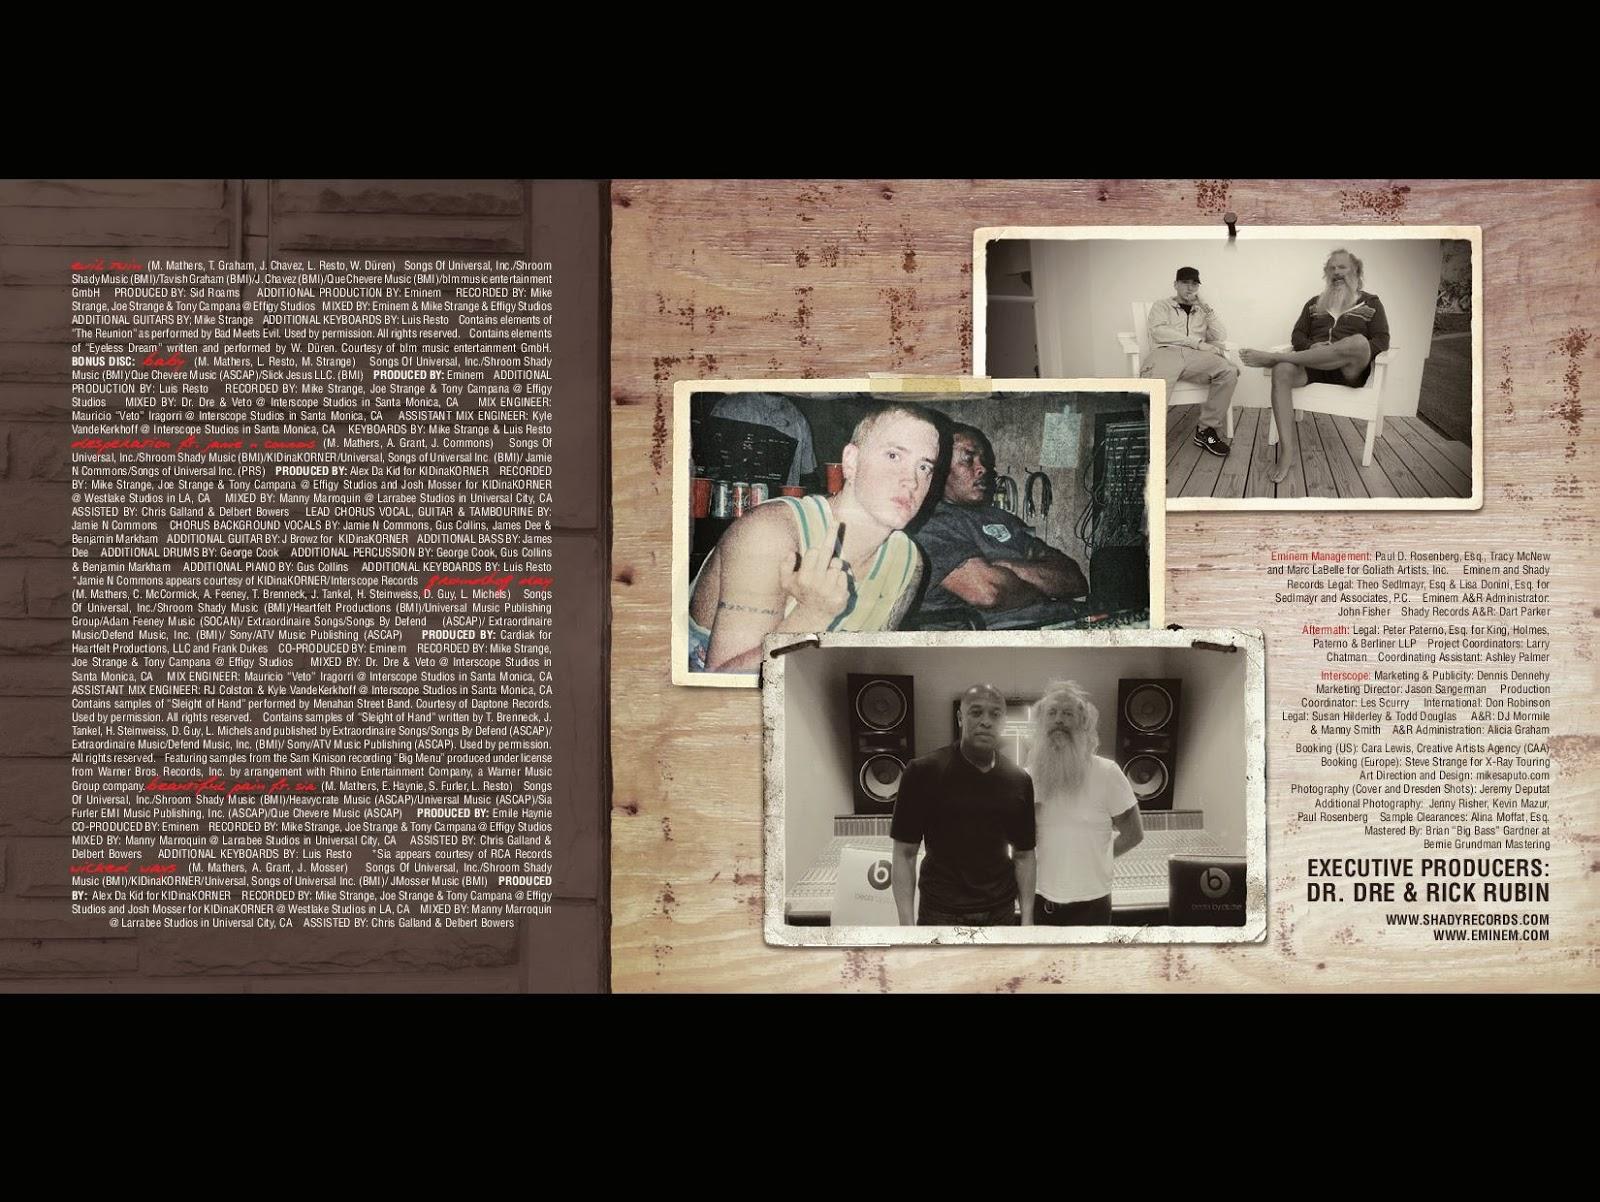 Буклет альбома Eminem The Marshall Mathers LP 2 - 01